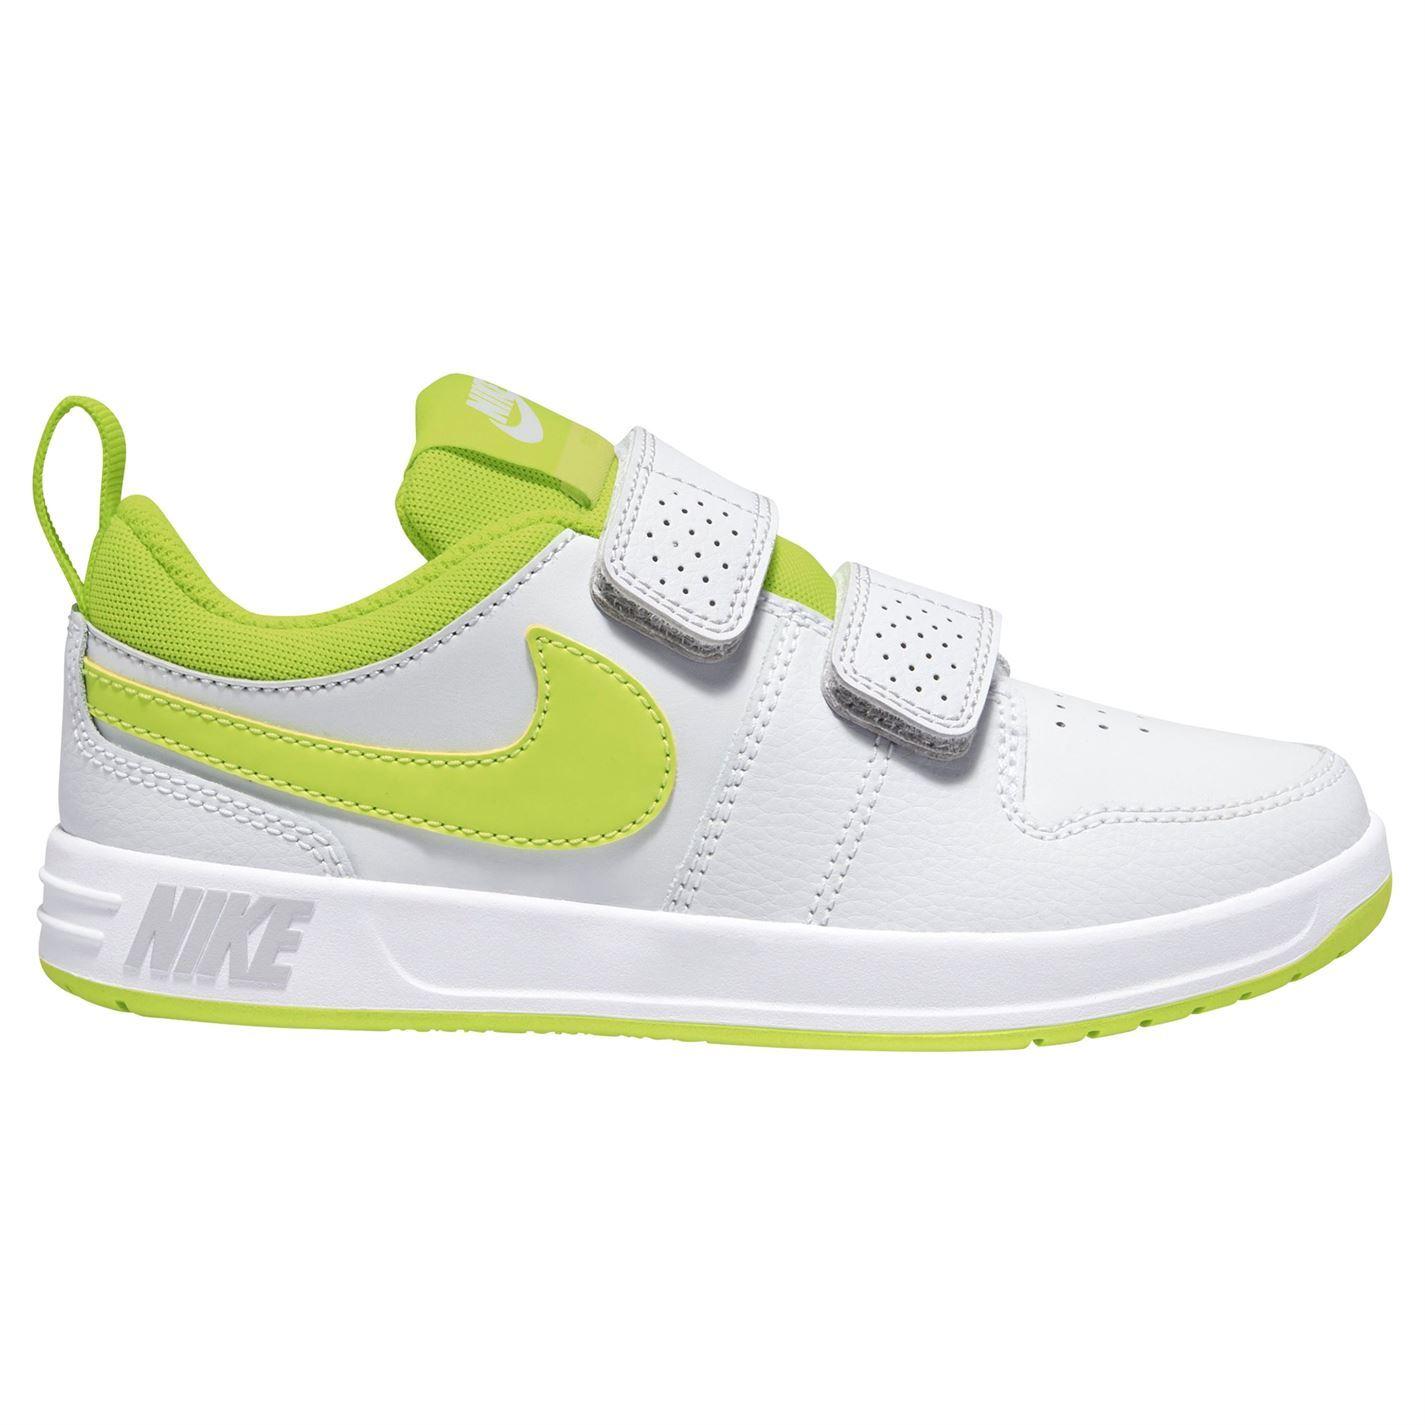 Nike Pico 4 V Junior Boys Trainers